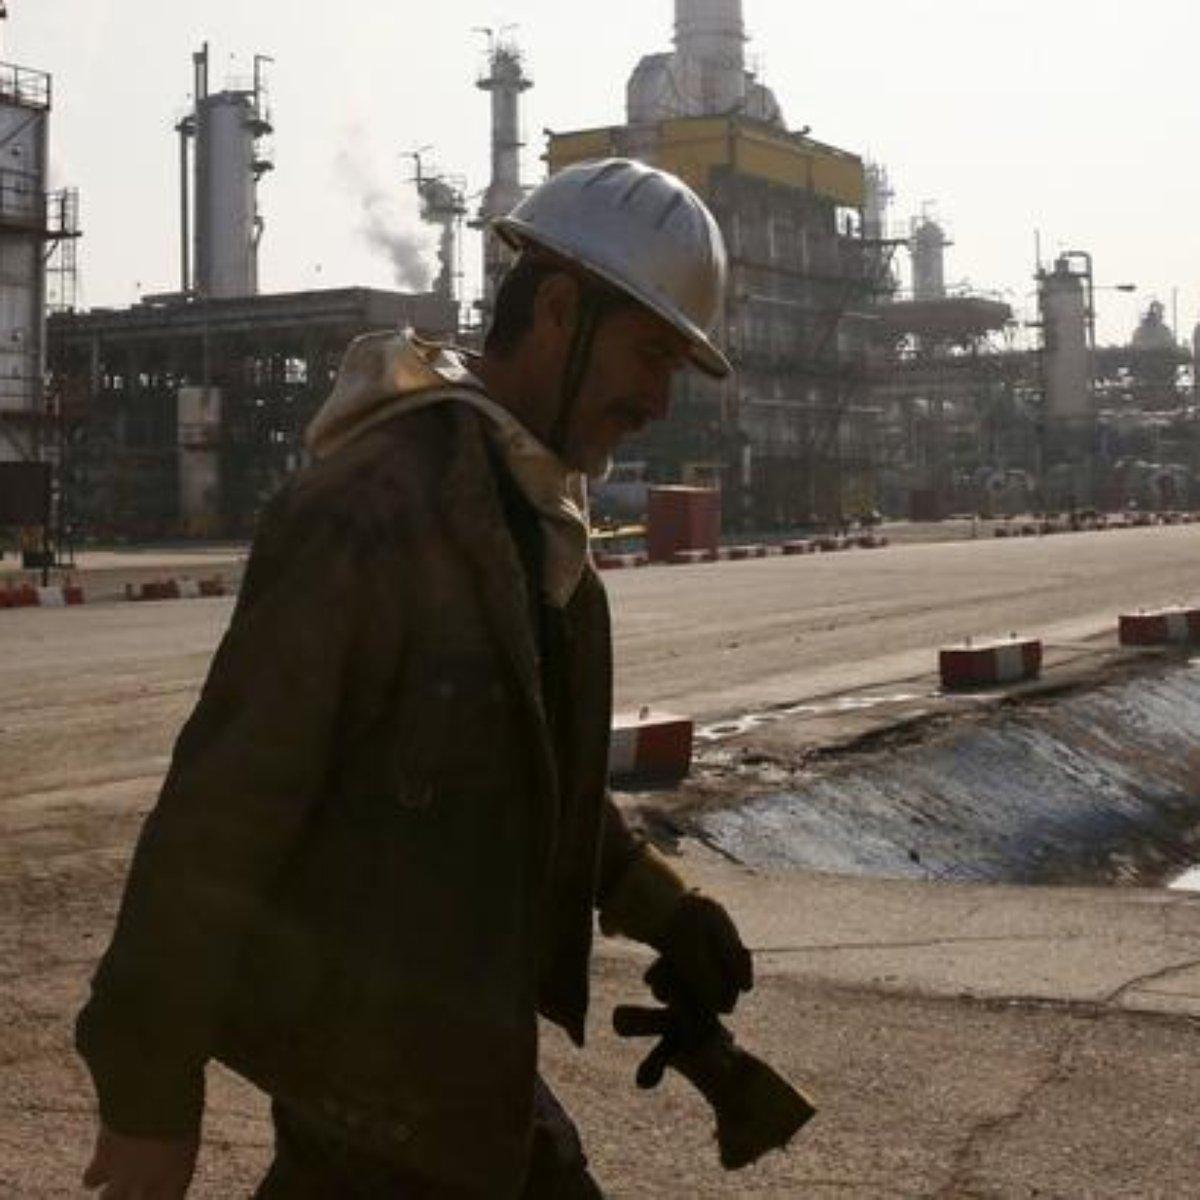 EUA põem fim a isenções para a compra de petróleo iraniano